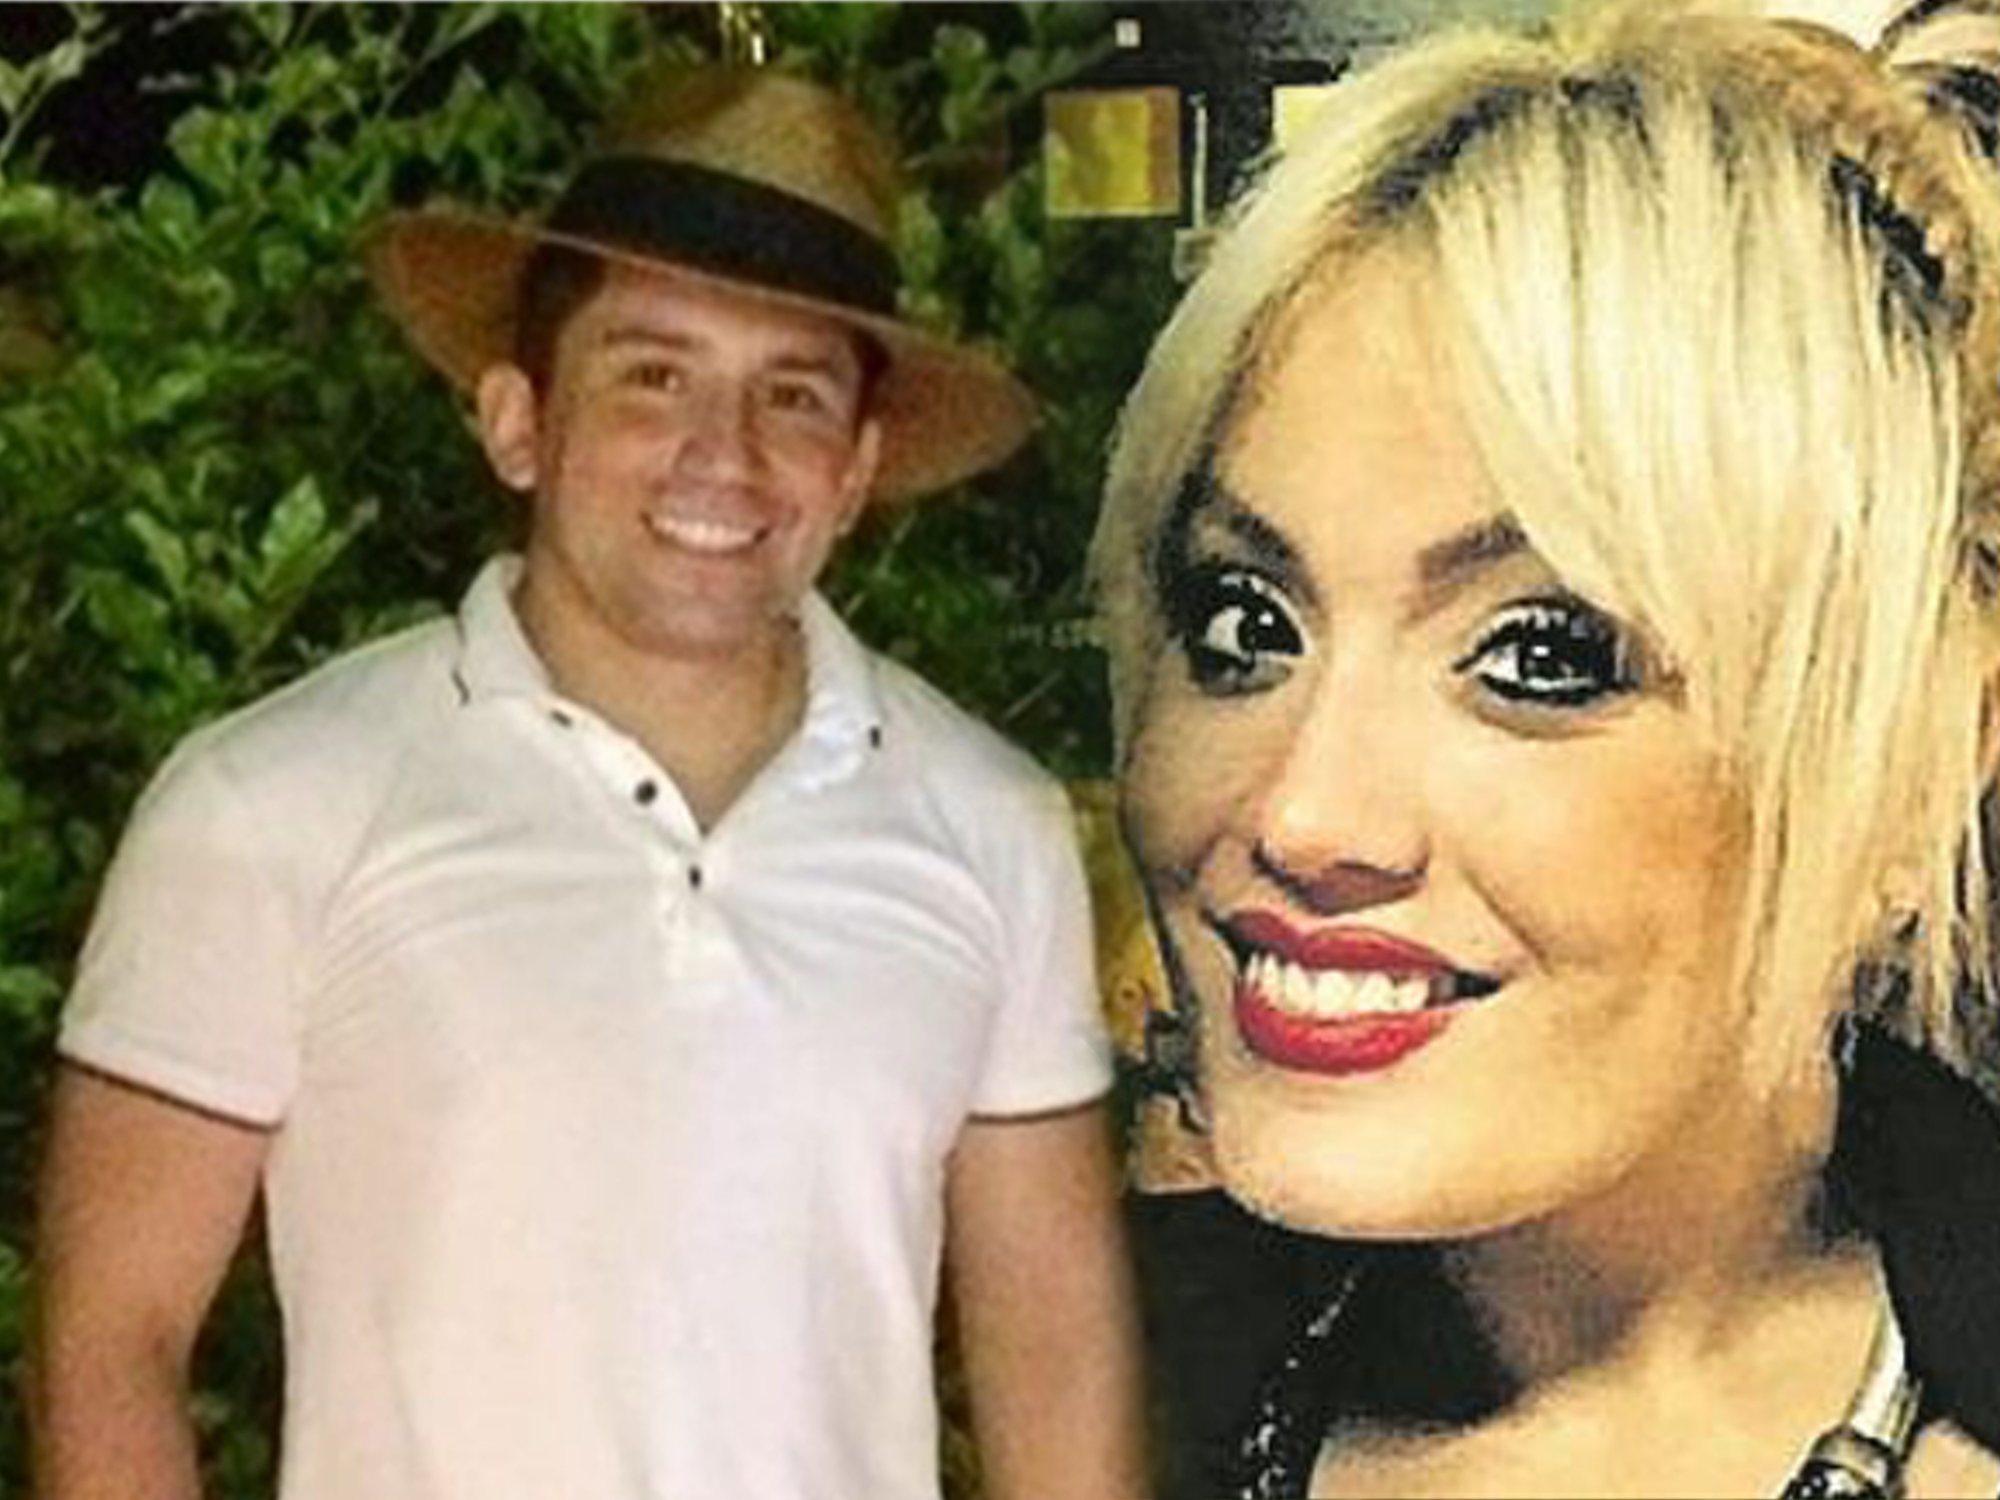 Así actuaba presuntamente Jorge Palma, señalado por la muerte de Marta Calvo y tres mujeres más